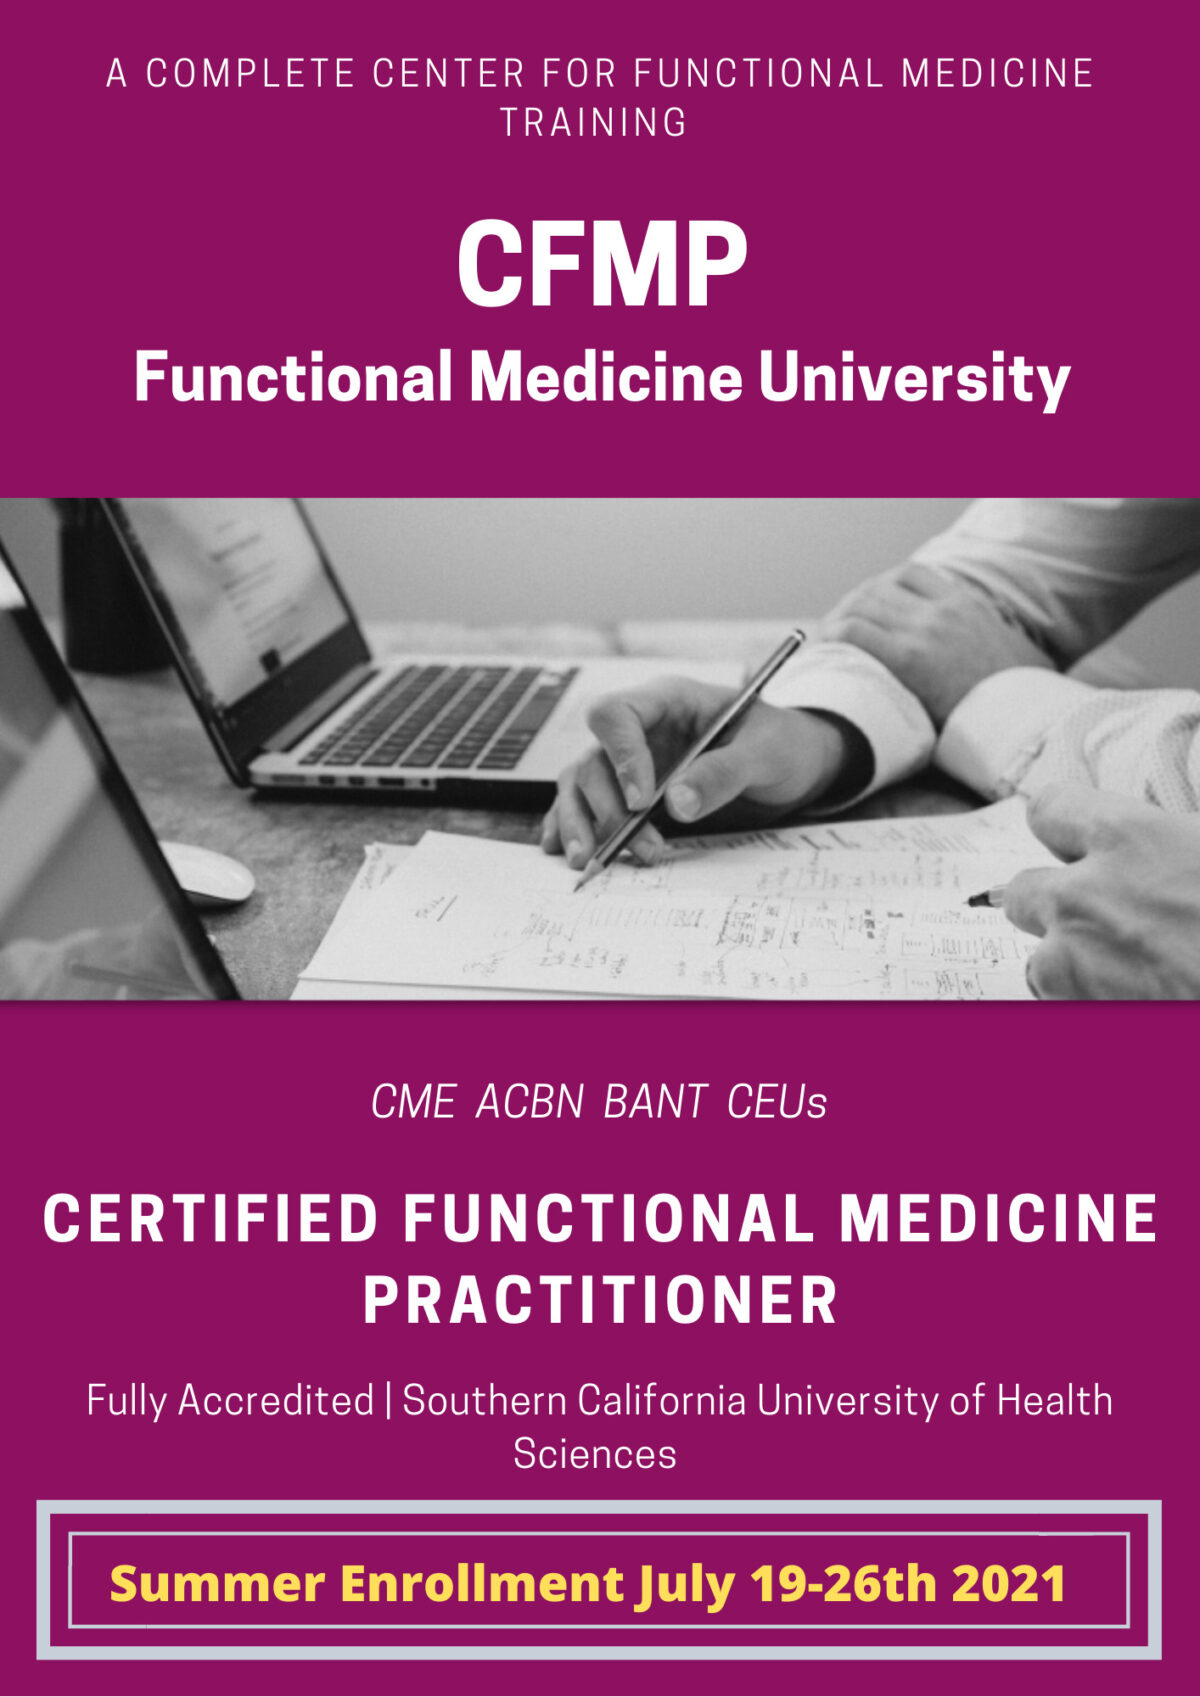 Summer Enrollment for the CFMP at FMU